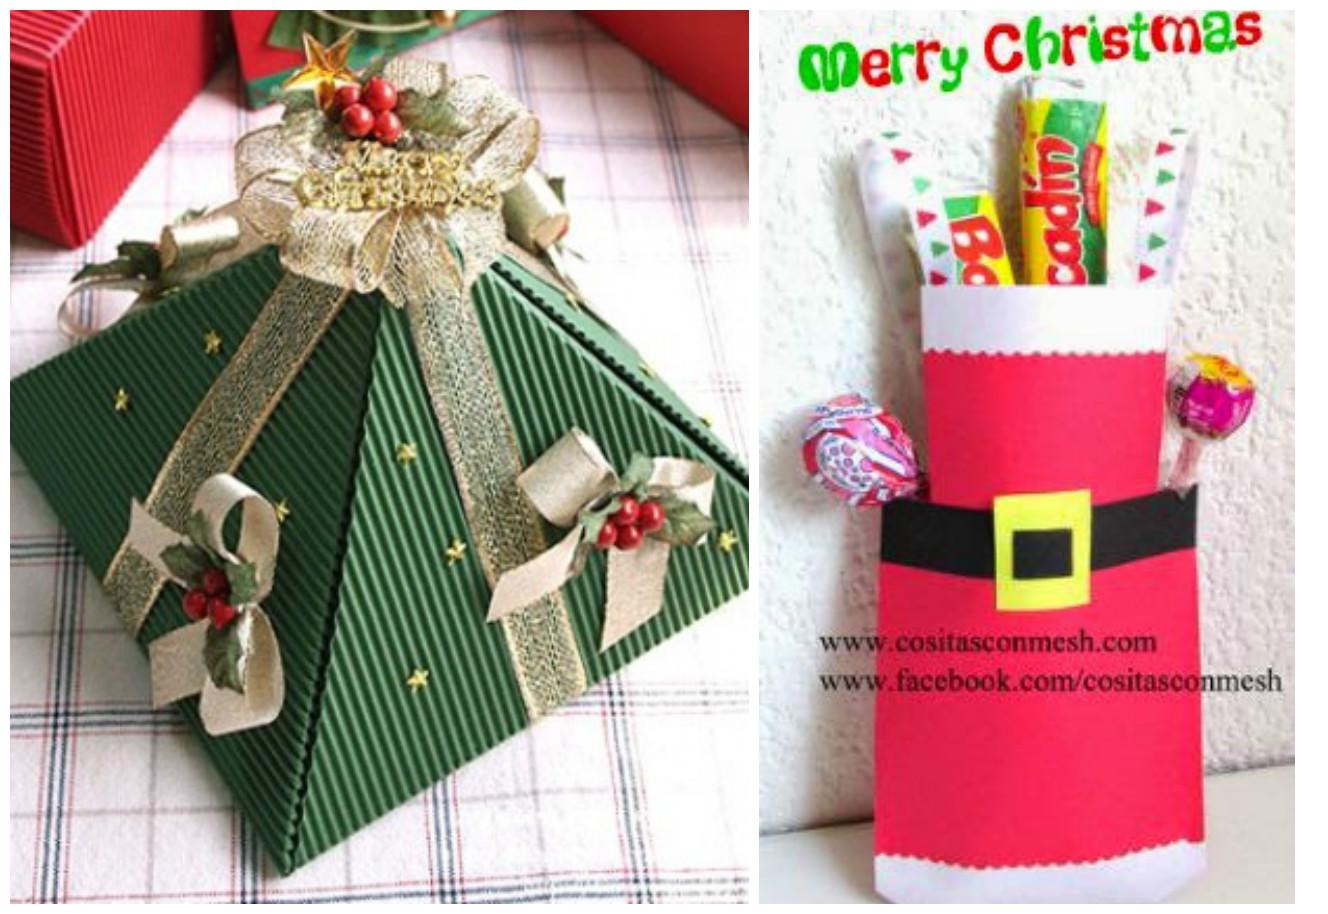 C mo hacer cajitas y bolsitas navide as para regalar - Cosas para regalar para navidad ...